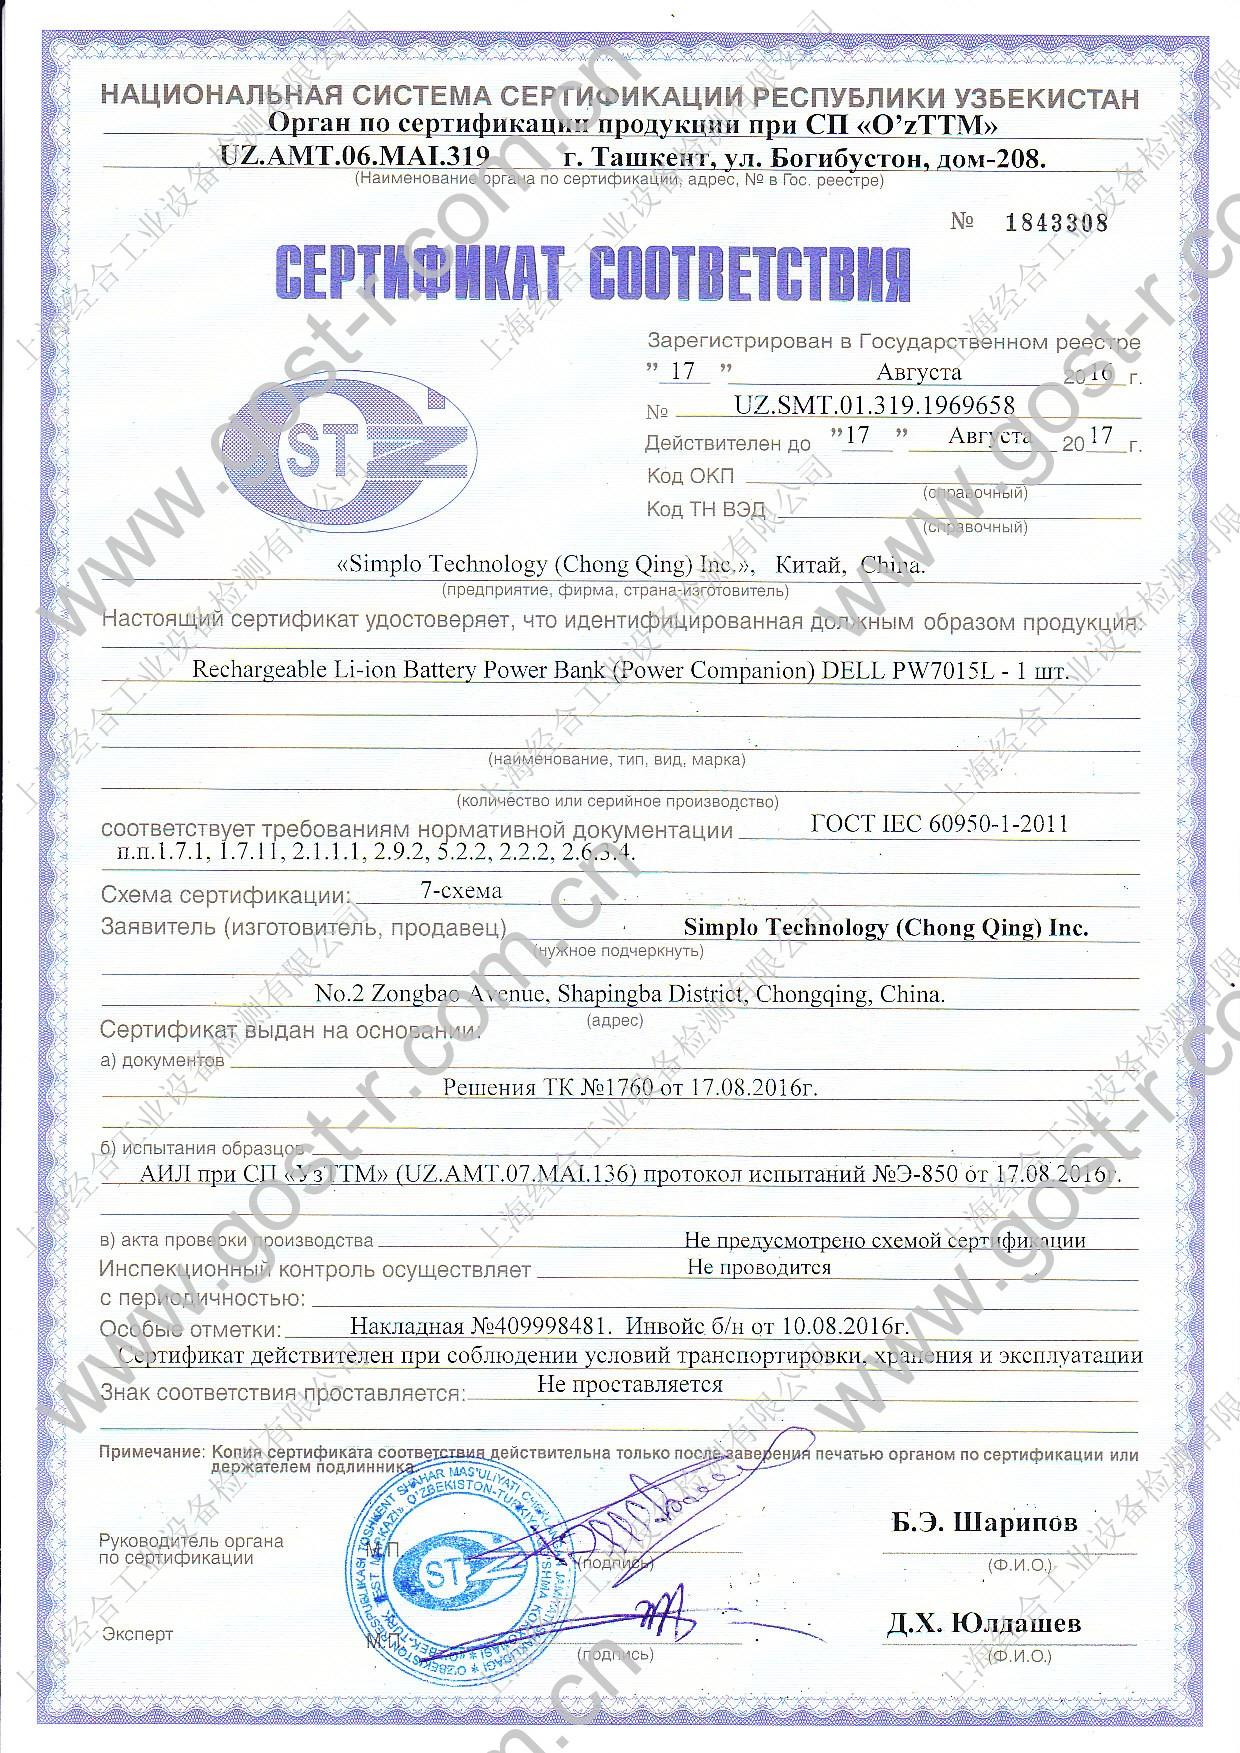 乌兹别克斯坦认证,GOST-UZ认证,Uzbekistan certification,乌兹别克斯坦合格证书